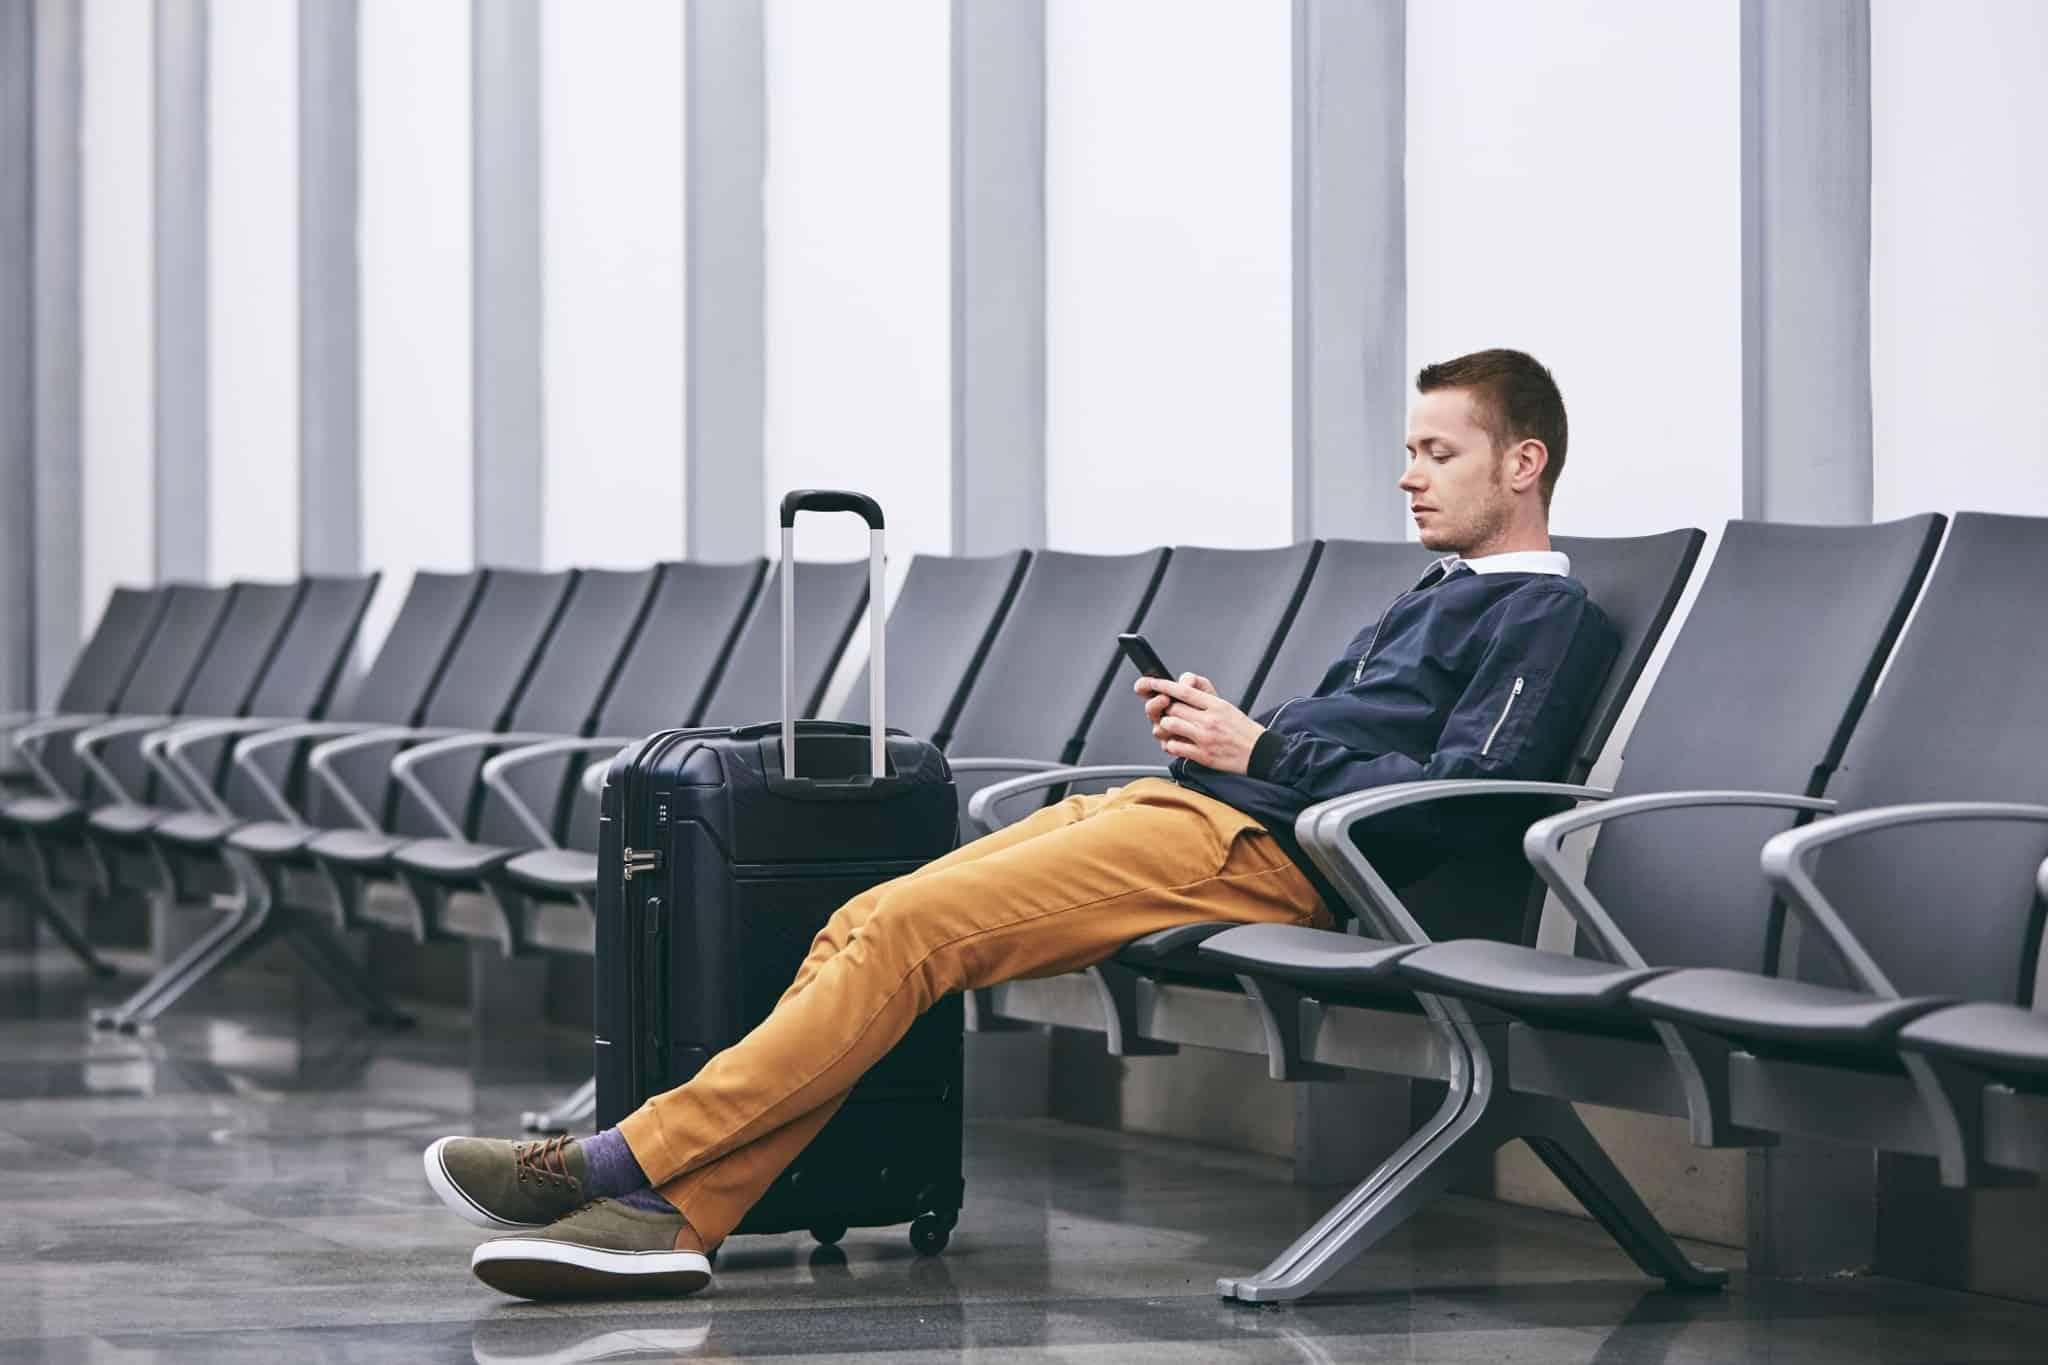 homem sentado na sala de espera de um aeroporto